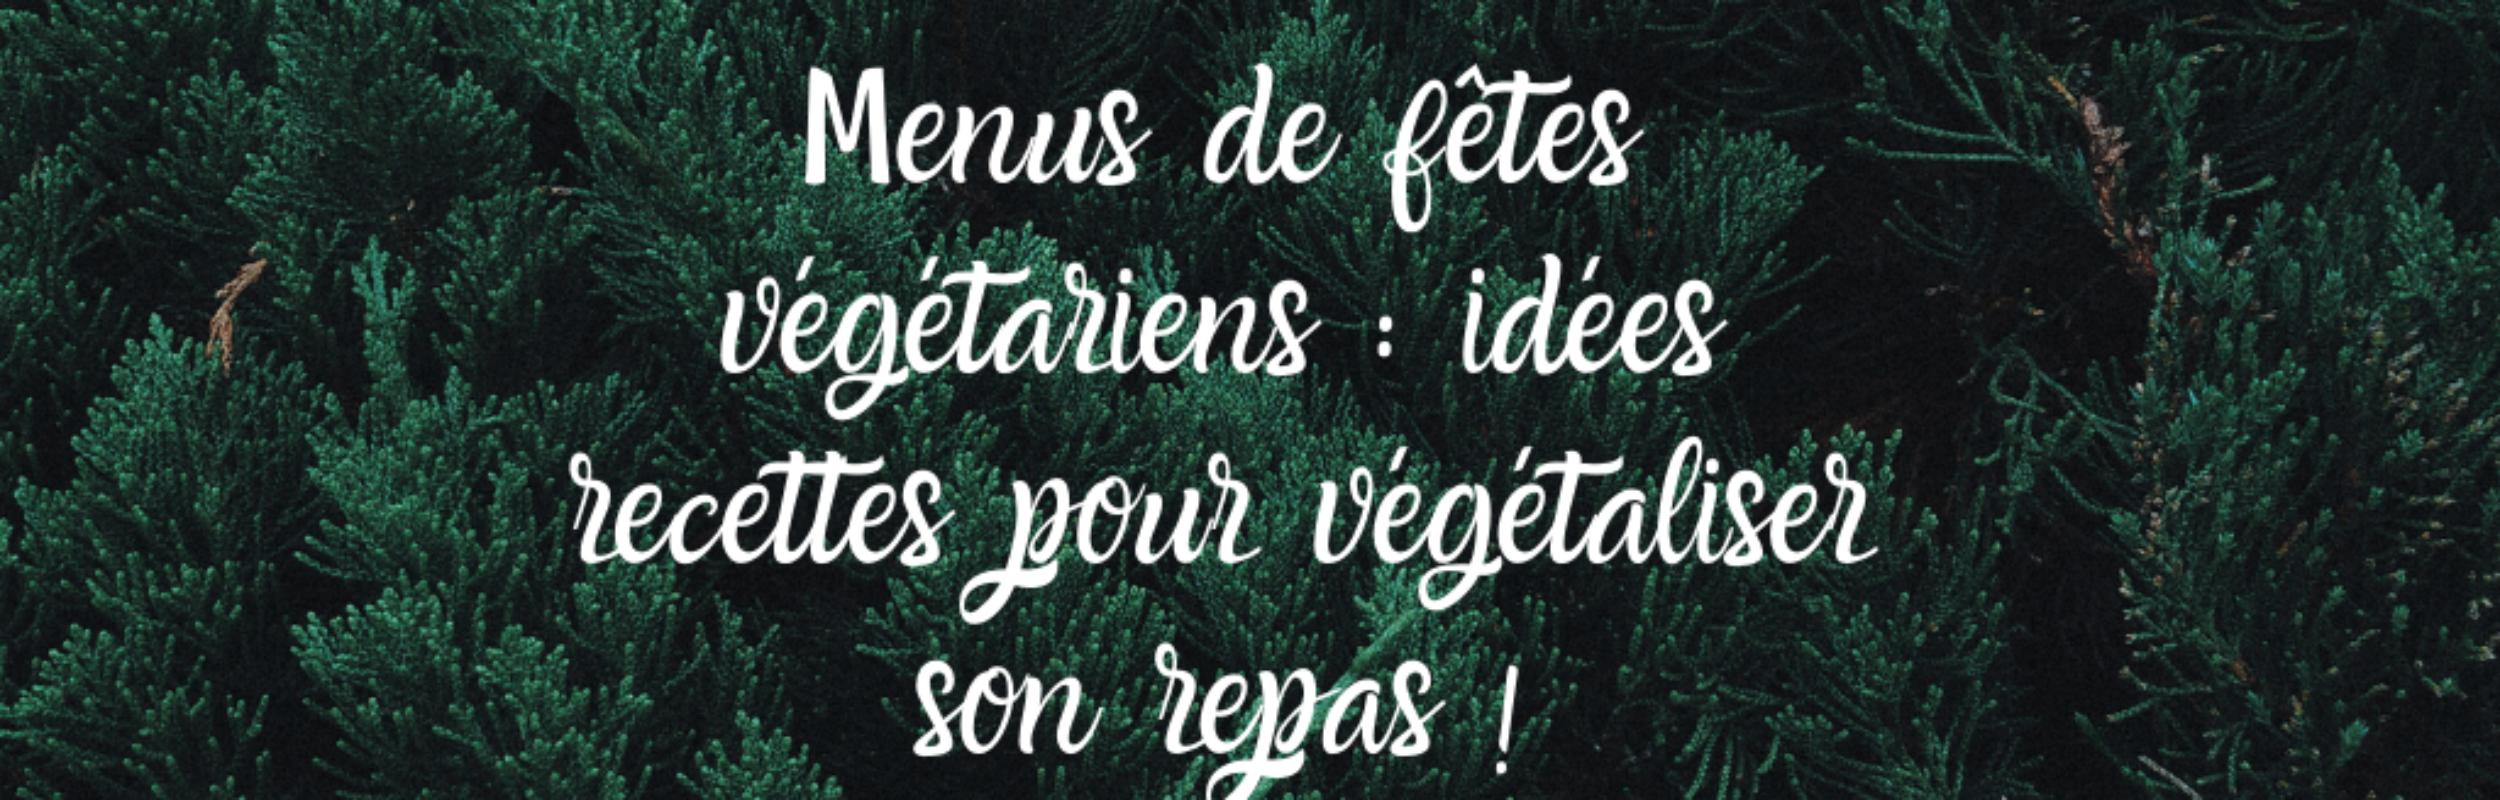 Menu de Noël végétarien : idées de recettes de fêtes pour végétaliser son repas !